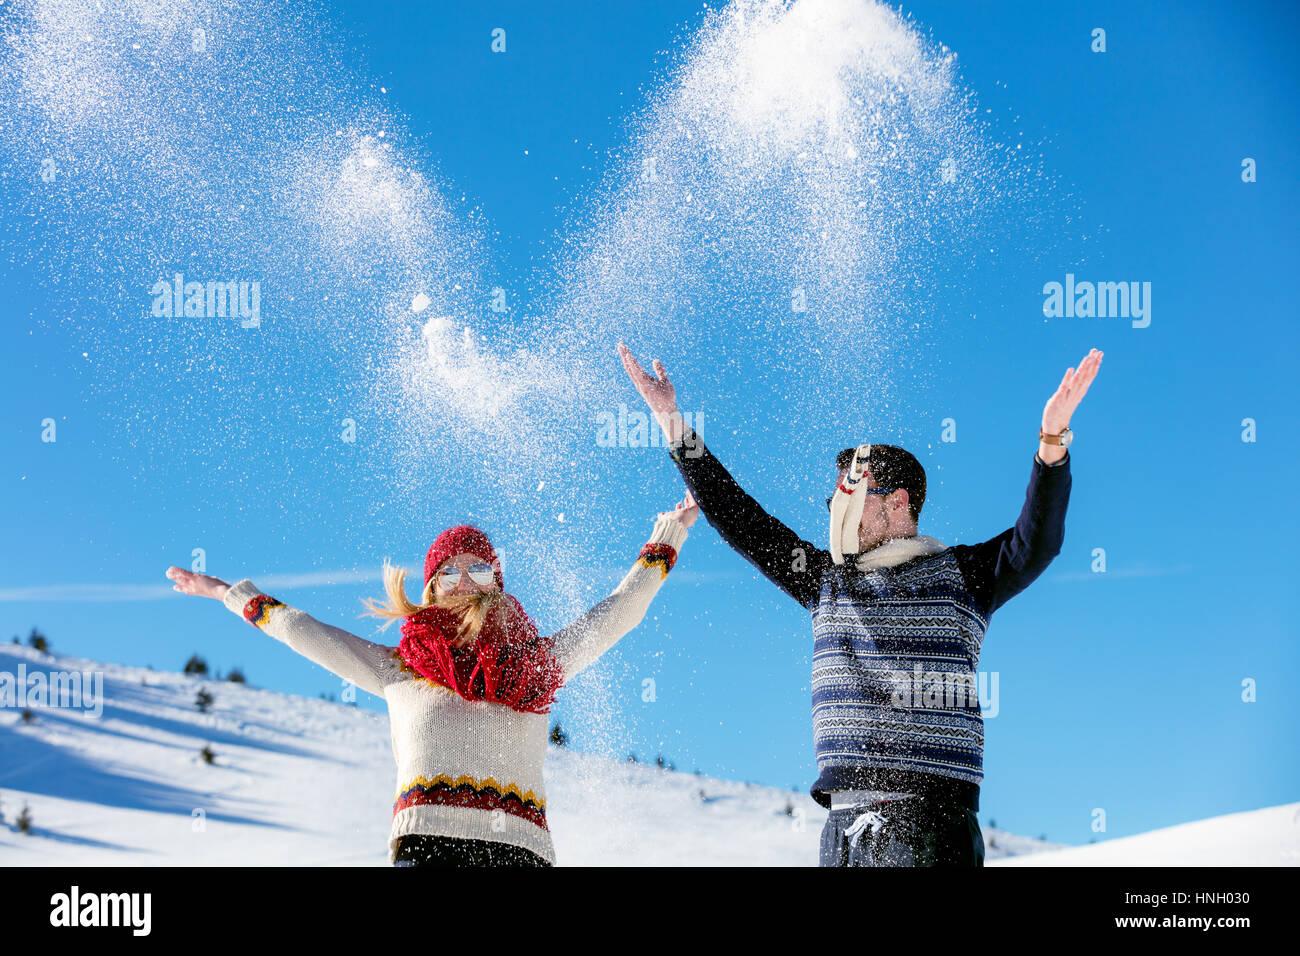 Lucha de bola de nieve. Invierno par divertirse jugando en la nieve afuera. Joven alegre feliz pareja multi-racial. Imagen De Stock